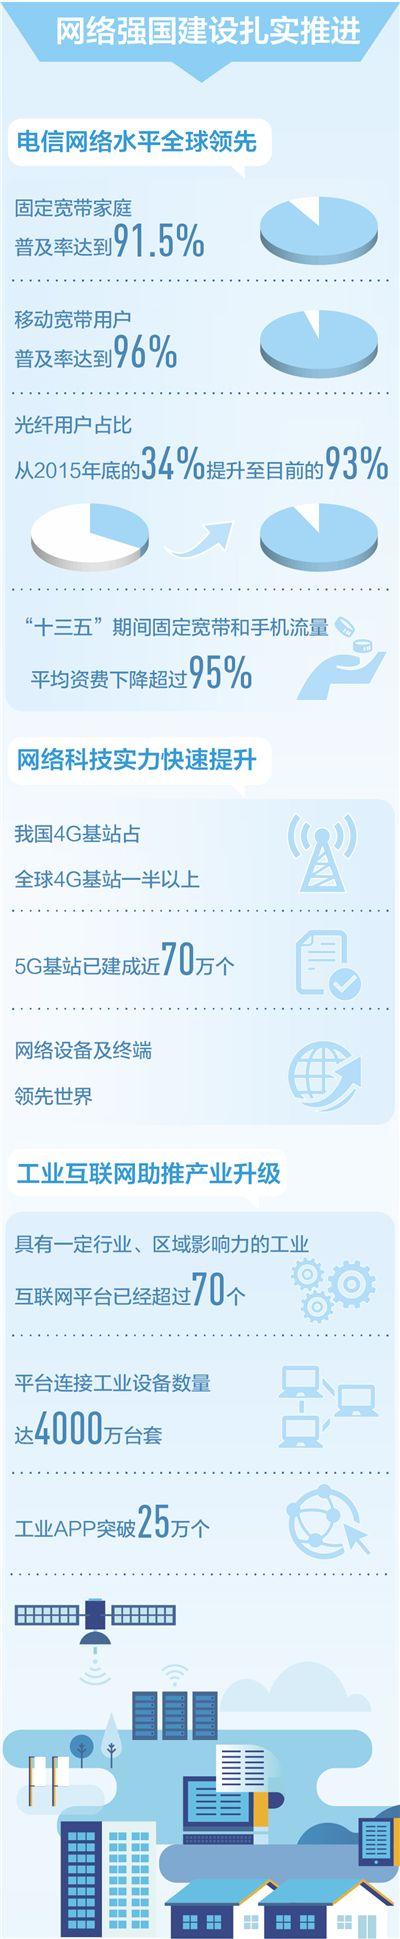 建设网络强国  增强发展动能(产经观察·着力发展实体经济③)